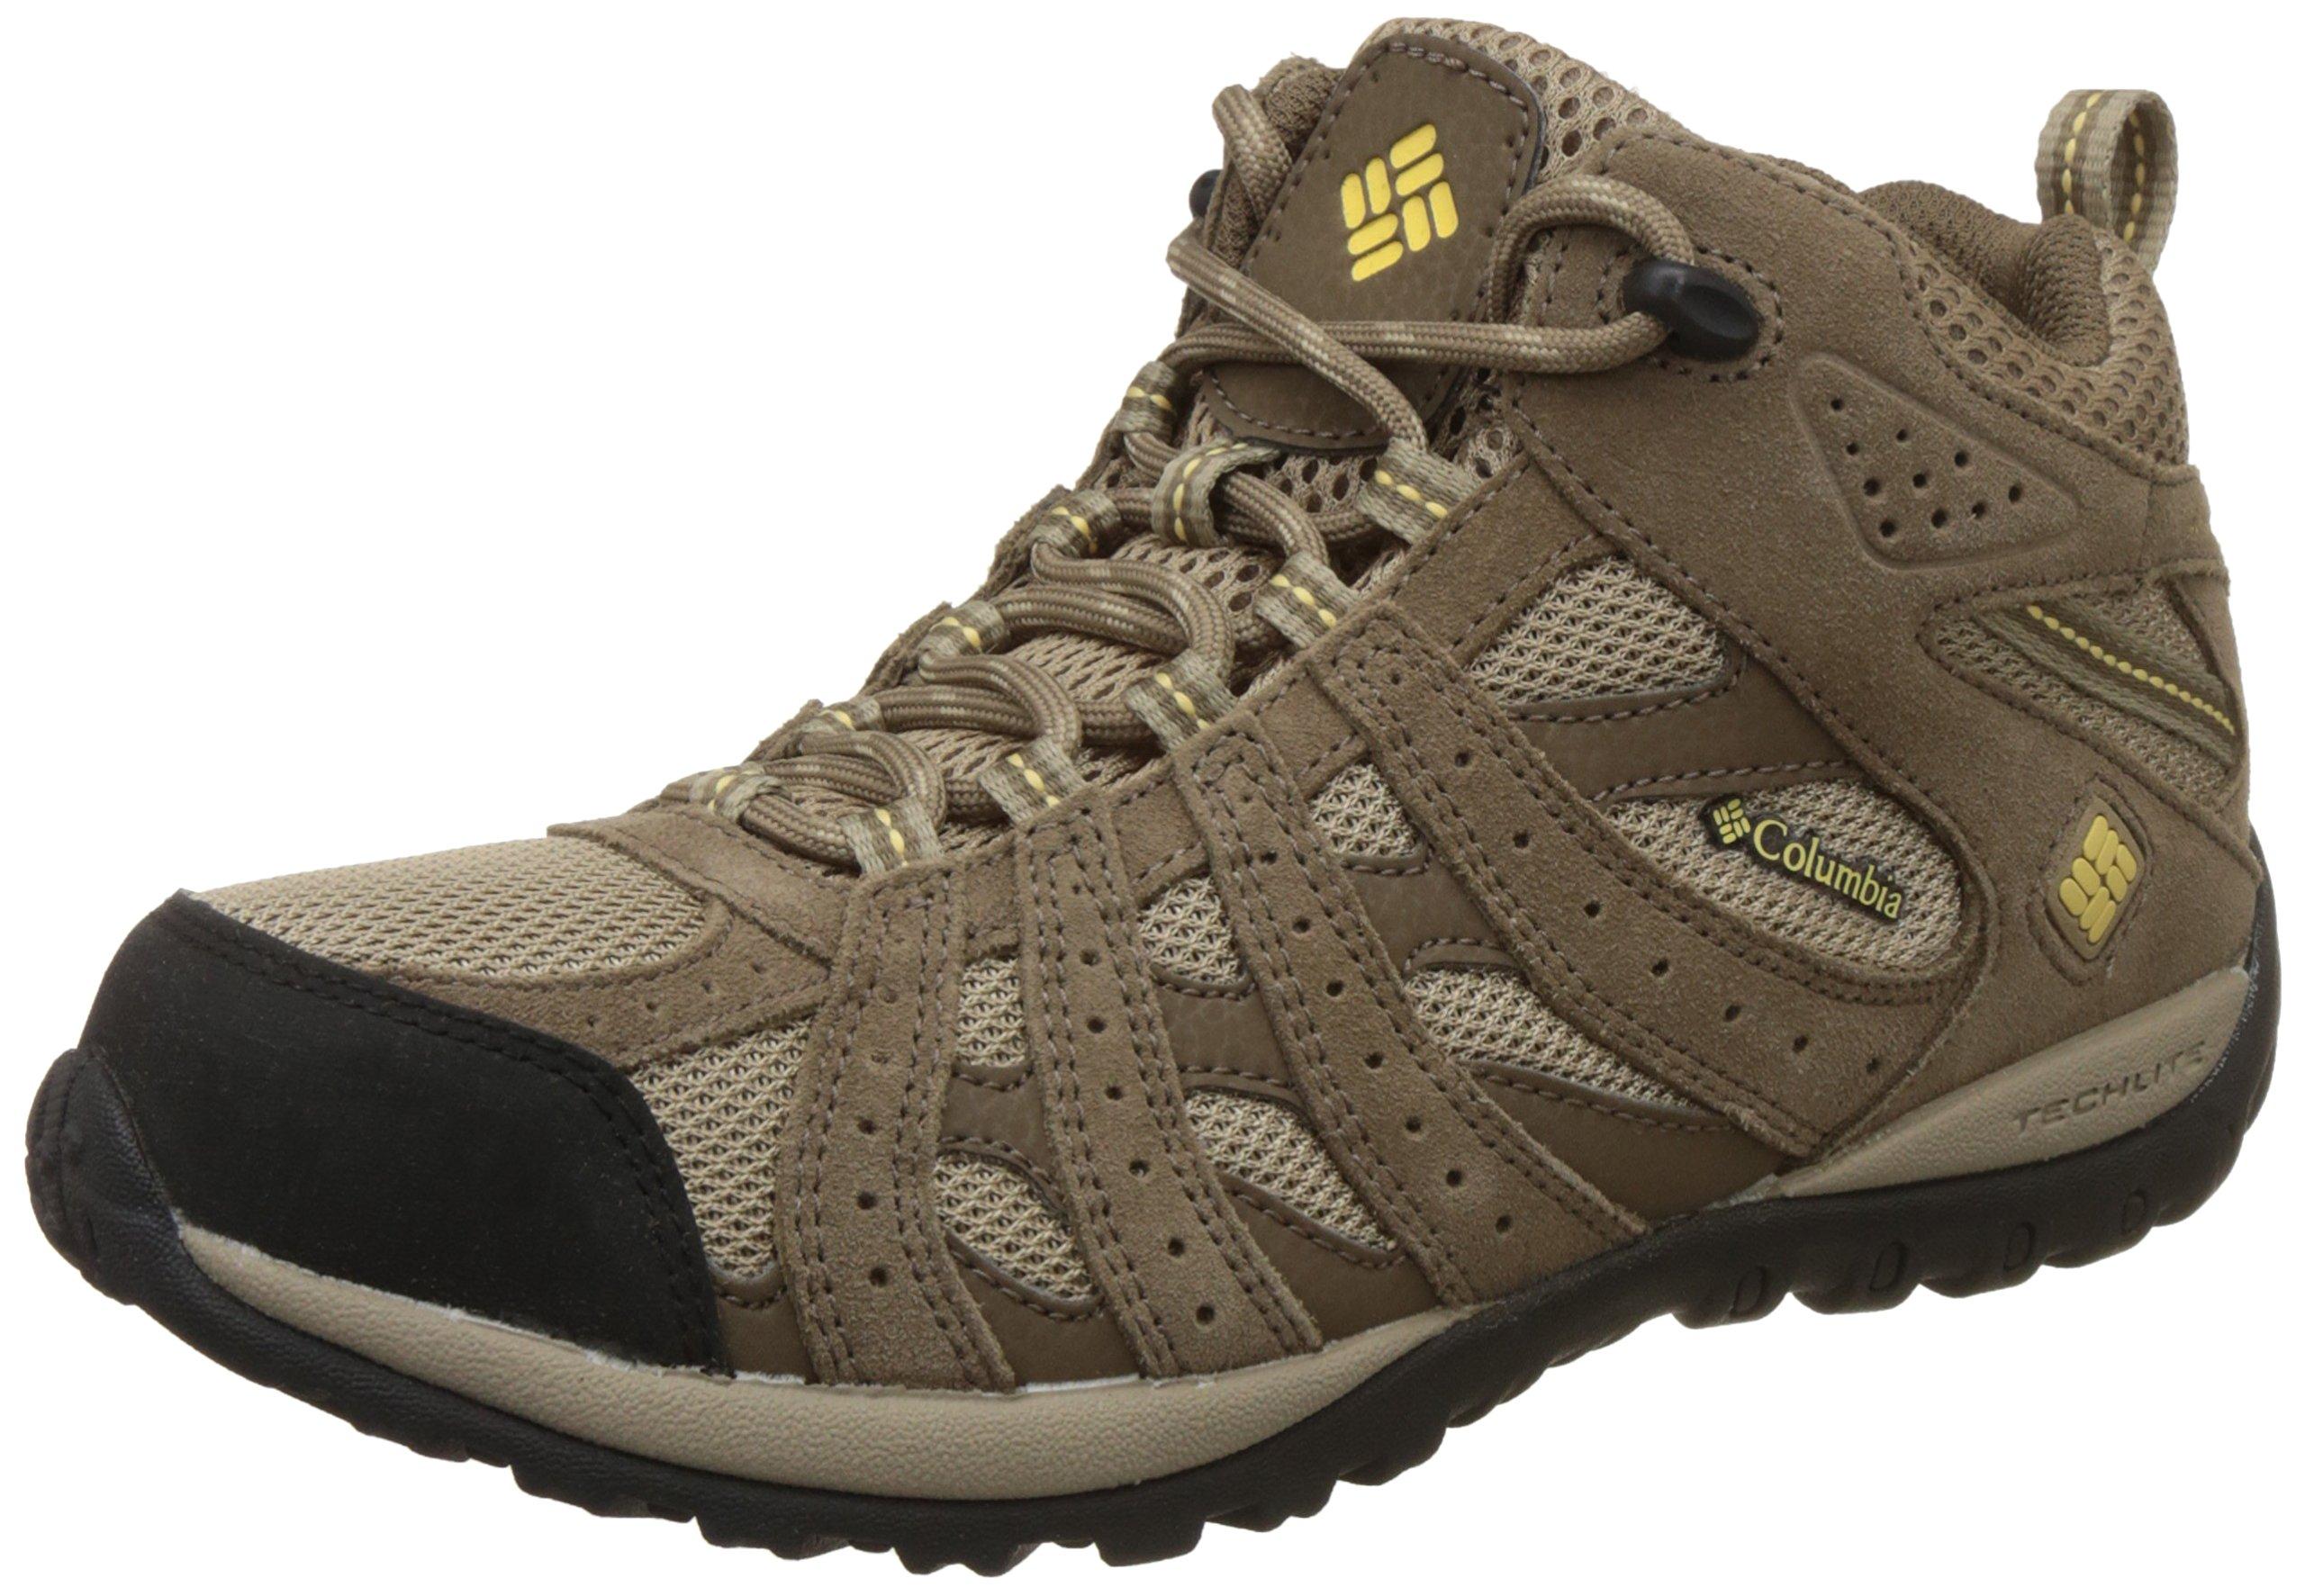 Columbia Women's Redmond Mid Waterproof Trail Shoe,Oxford Tan/Sunlit,9 M US